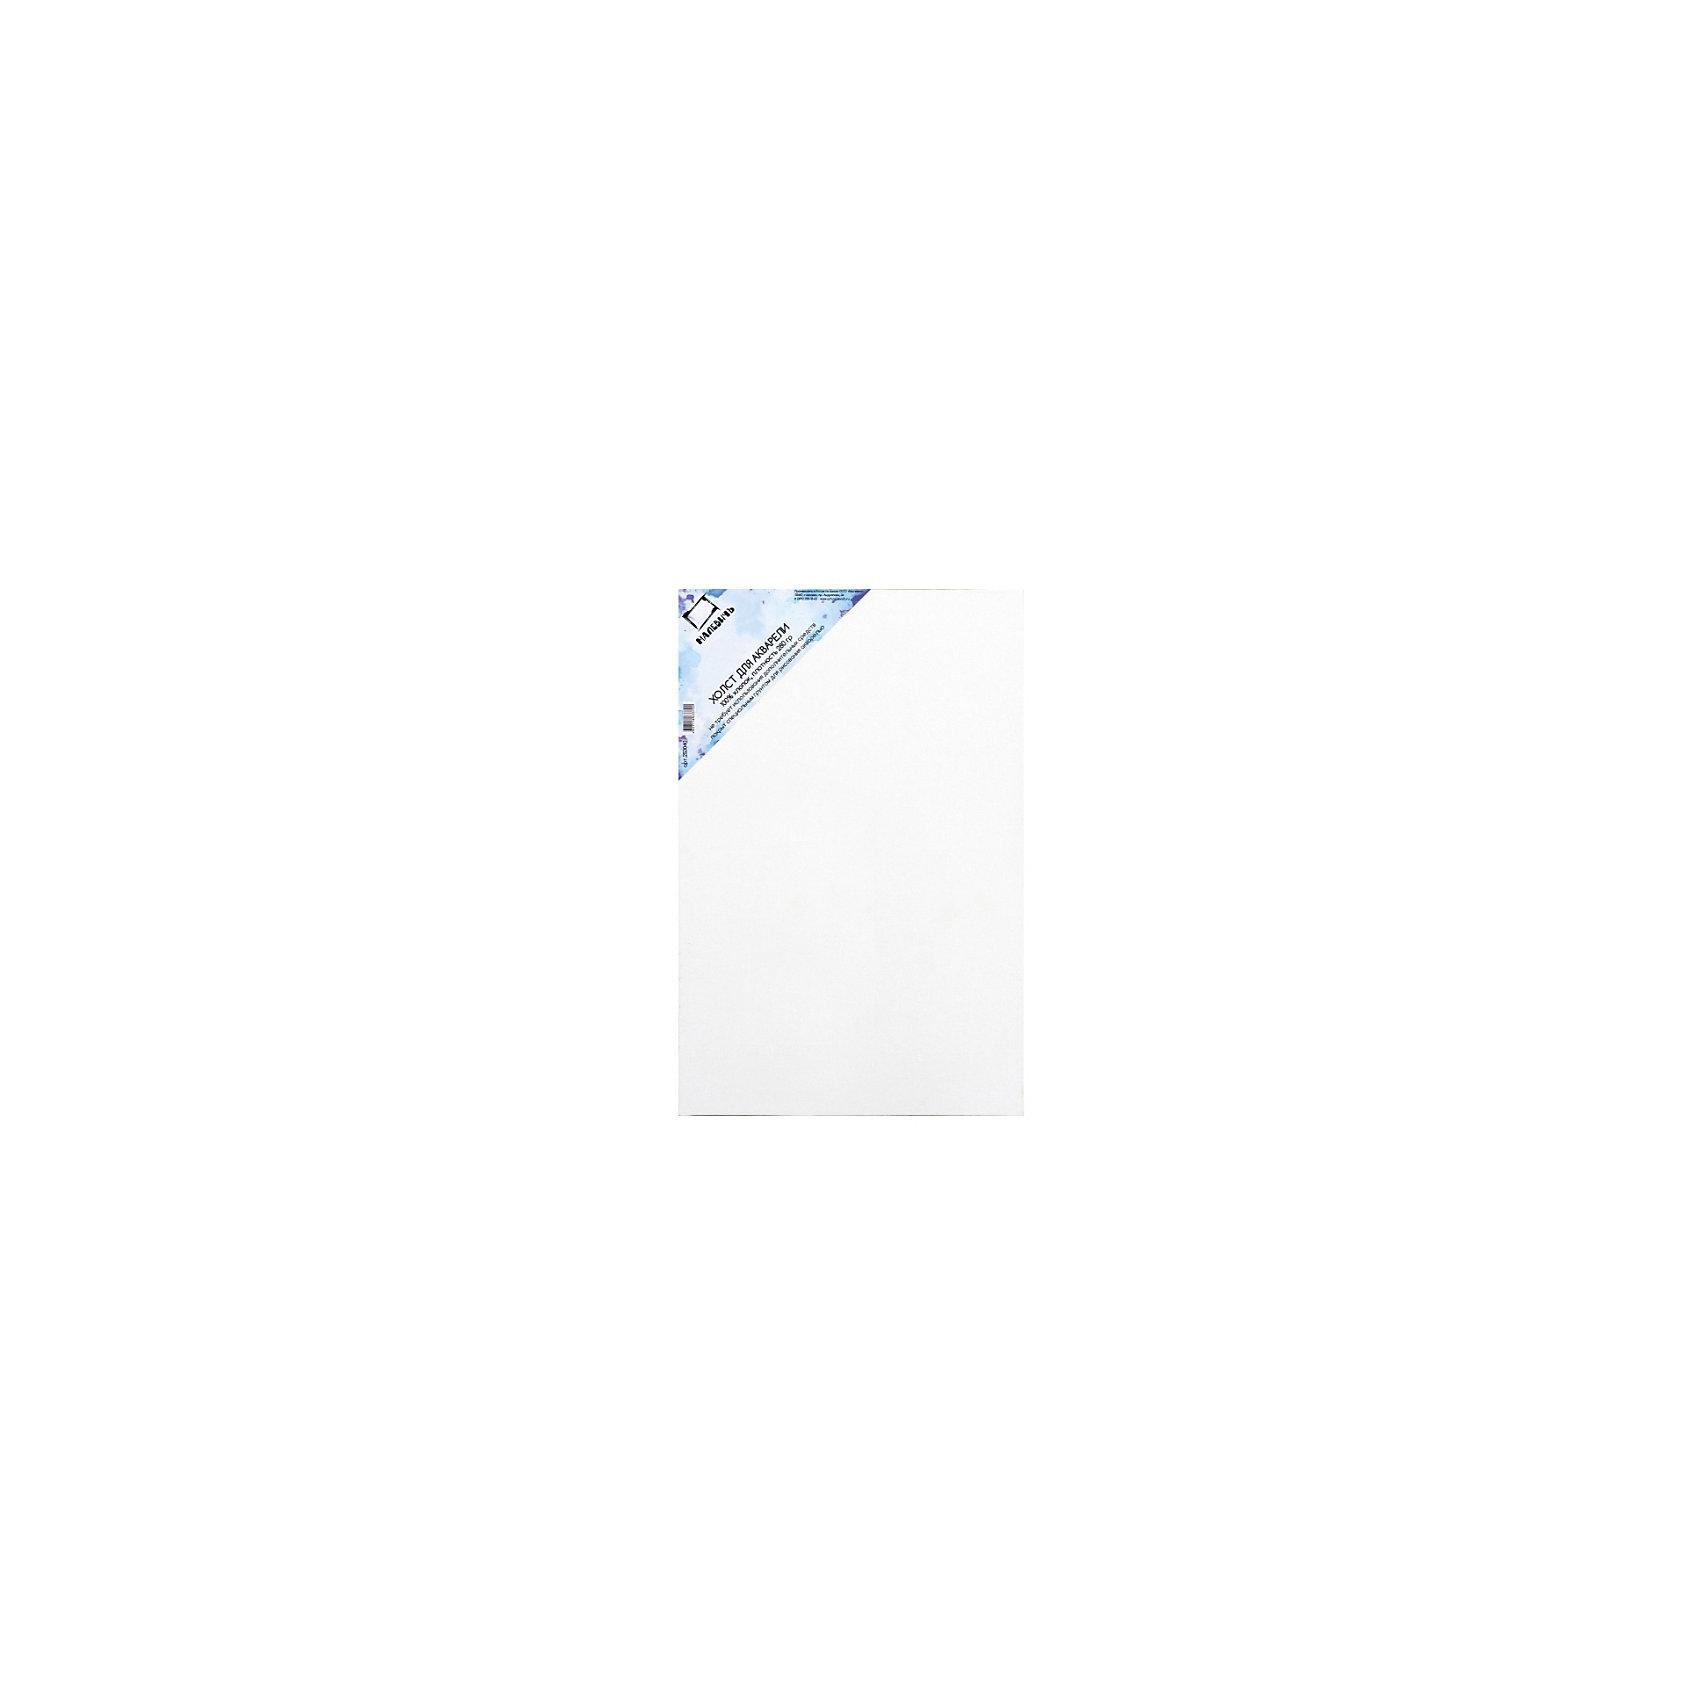 Холст акварельный на картоне Малевичъ (40х50 см)Холсты<br>Благодаря разработанному компанией Малевичъ уникальному грунту теперь акварельными красками можно писать на холсте! В отличие от бумаги, холст выдерживает большое количество воды и не коробится от влаги, а значит - прекрасно подходит для работы в «мокрых» техниках.  Единственный в своем роде – дает возможность редактировать или полностью удалять слои краски! Натянутый на плотный картон толщиной 3 мм холст великолепно держит форму даже при больших форматах, позволяя работать как в горизонтальном положении на столе, так и в вертикальном -на мольберте. Готовые акварельные холсты очень удобны для работы на пленэре. Для изготовления акварельных холстов используется высококачественная ткань из 100% хлопка с мелкозернистым переплетением, плотностью 280 г/кв. м, покрытая специальным грунтом, увеличивающим адгезию водорастворимых красок. При желании, на холстах можно писать также гуашью, акрилом или темперой.<br><br>Акварельные холсты Малевичъ: <br><br>·          на плотной основе, не коробятся от воды <br>·          подходят для работы в технике «по-сырому» <br>·          позволяют редактировать или полностью удалять слои краски <br>·          дают возможность работать на вертикальной поверхности <br>·          удобны для выездов на пленэр <br>·          сделаны из полностью натуральных материалов<br><br>Ширина мм: 400<br>Глубина мм: 500<br>Высота мм: 3<br>Вес г: 500<br>Возраст от месяцев: 84<br>Возраст до месяцев: 2147483647<br>Пол: Унисекс<br>Возраст: Детский<br>SKU: 6757427